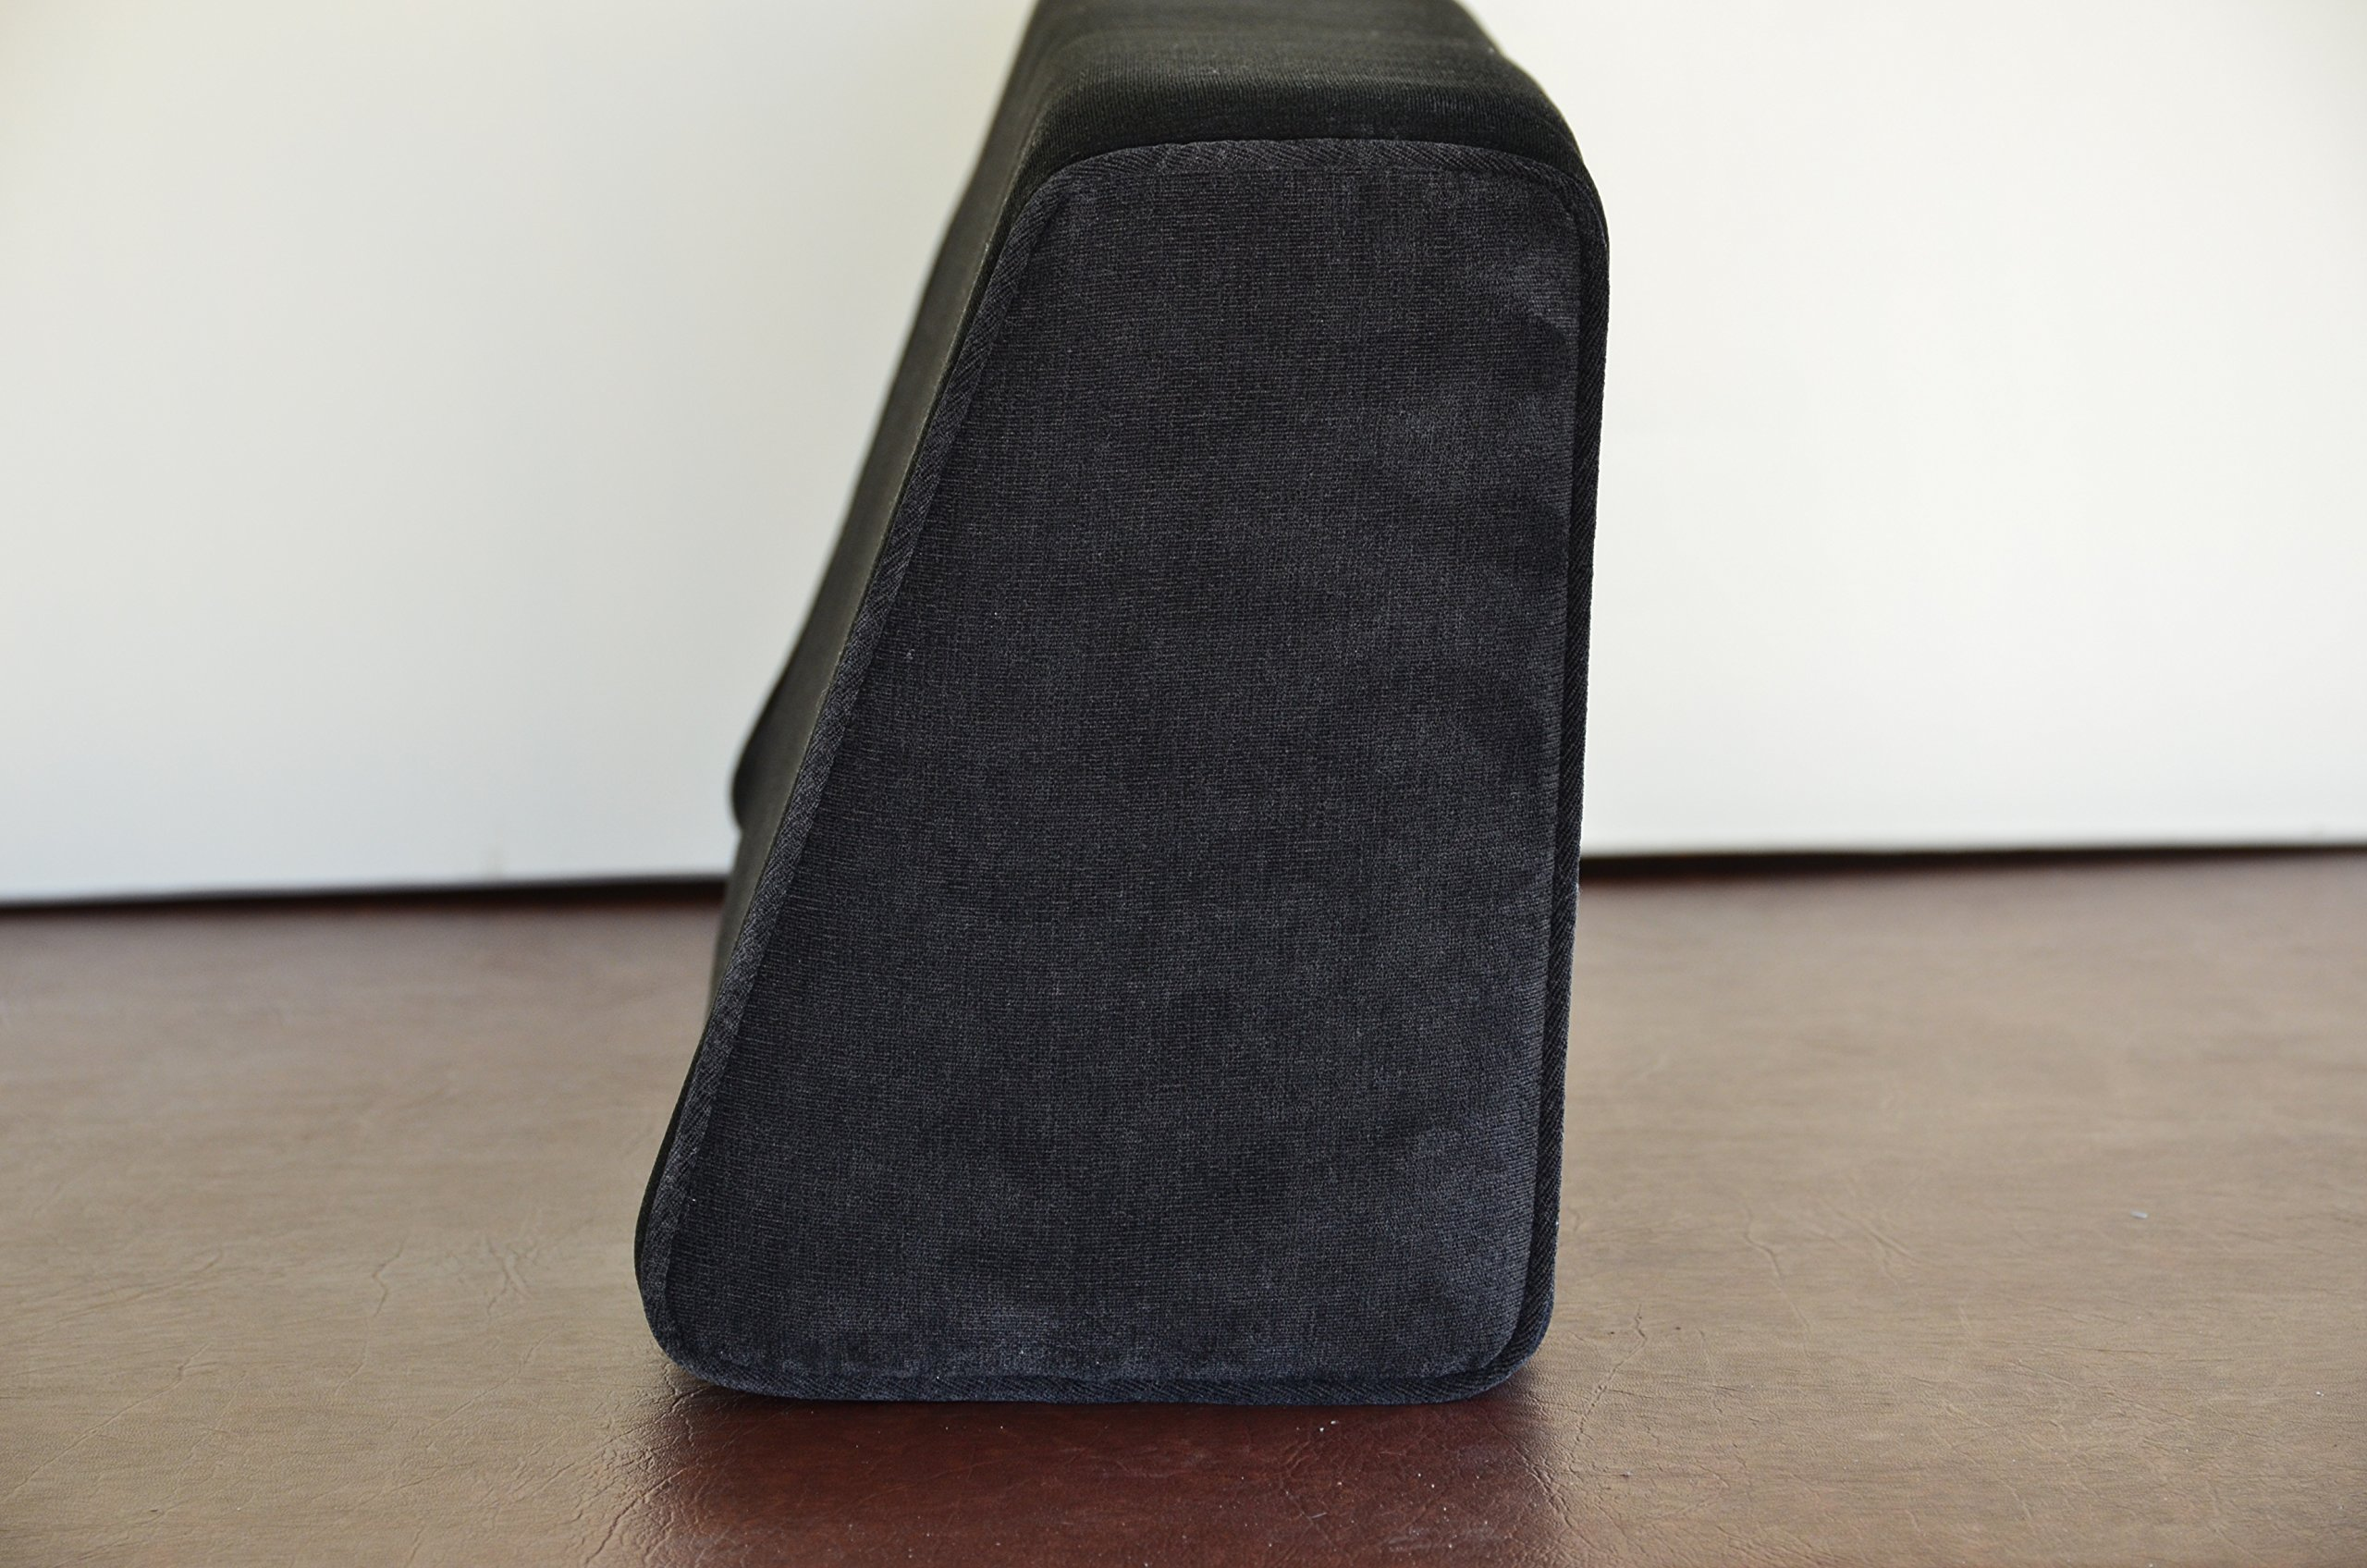 Wedge Bolster with Cover (Antique Velvet Black)